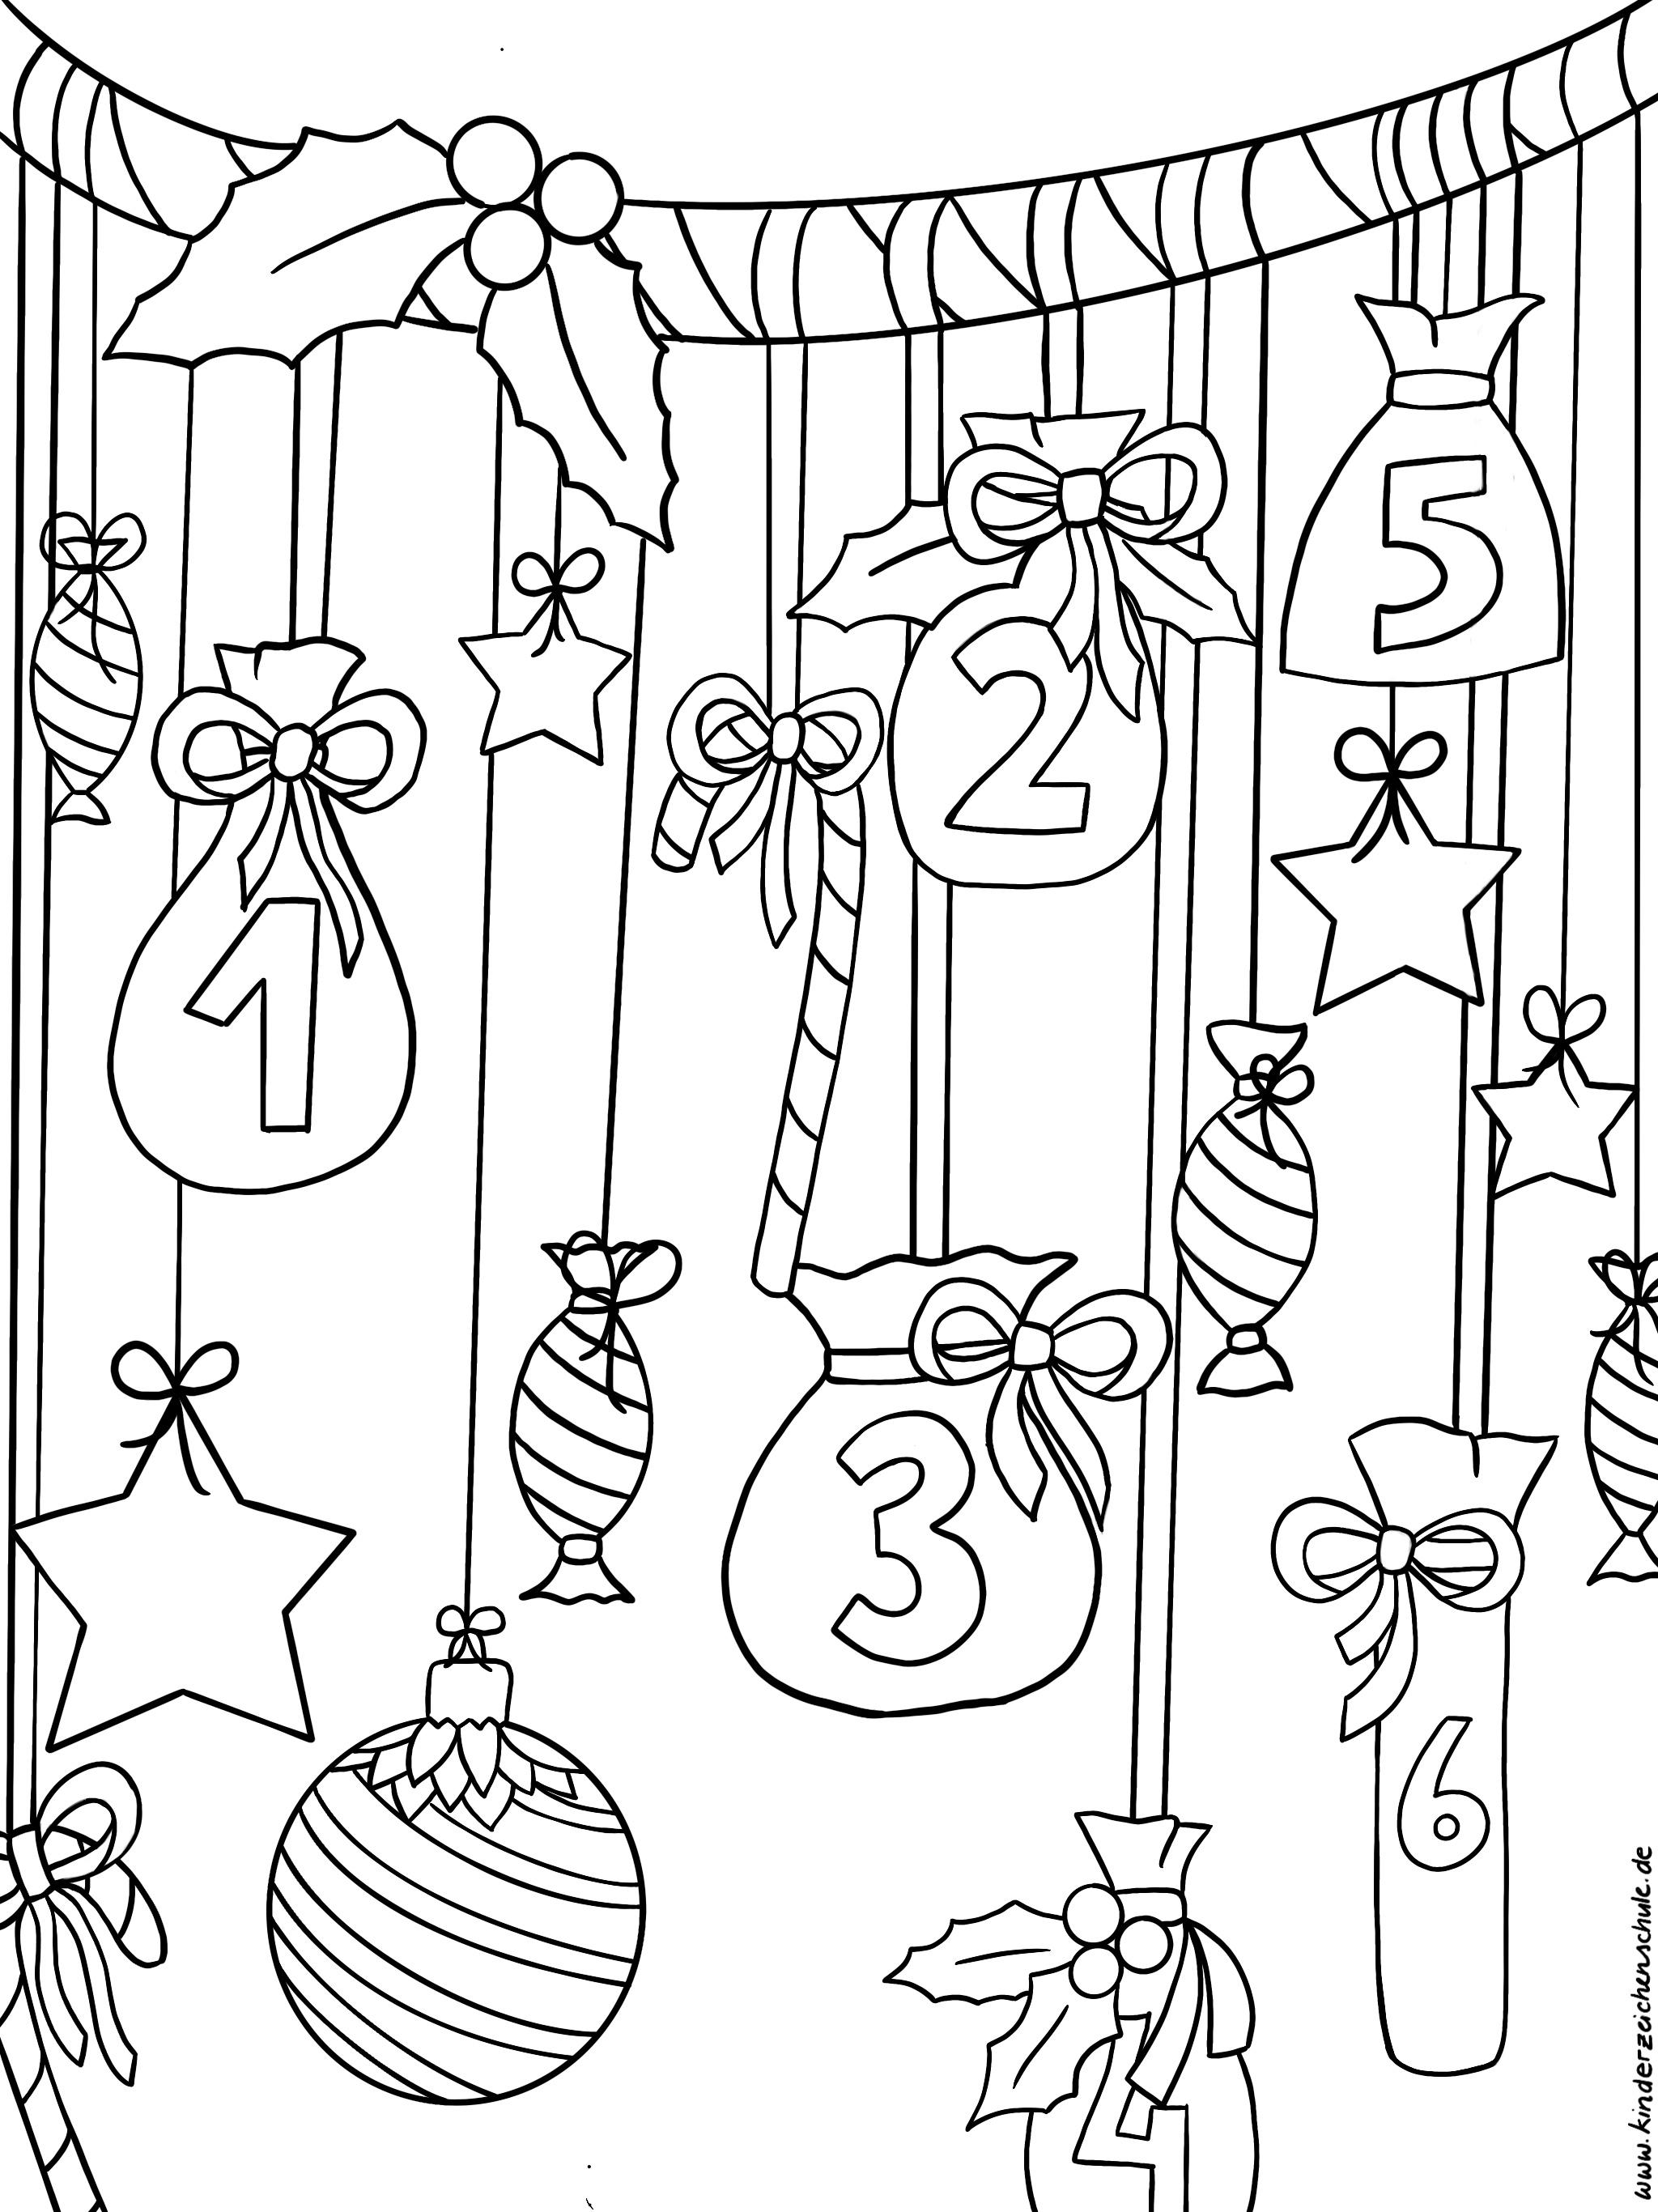 Ausmalbild weihnachtlicher Adventskalender